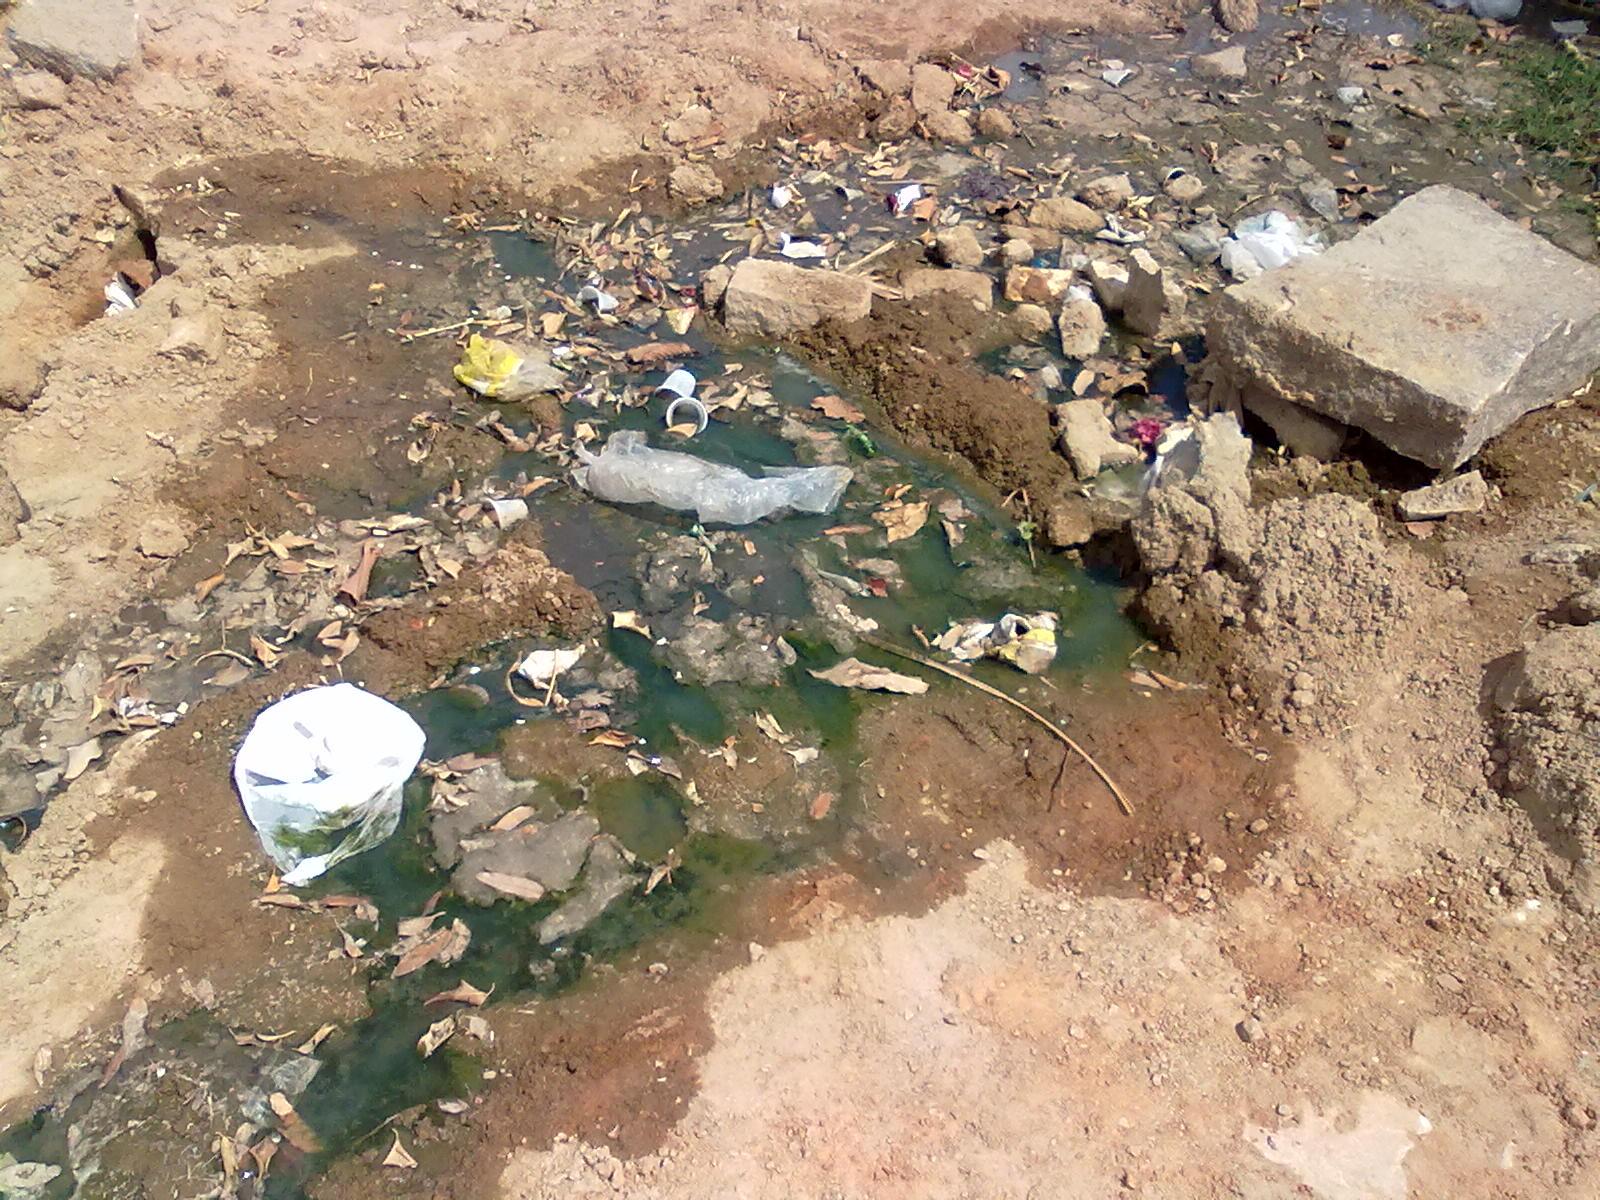 População reclama de esgoto a céu aberto no Bairro Maia ~ BLOG DA  #926639 1600x1200 Banheiro Com Cheiro De Esgoto